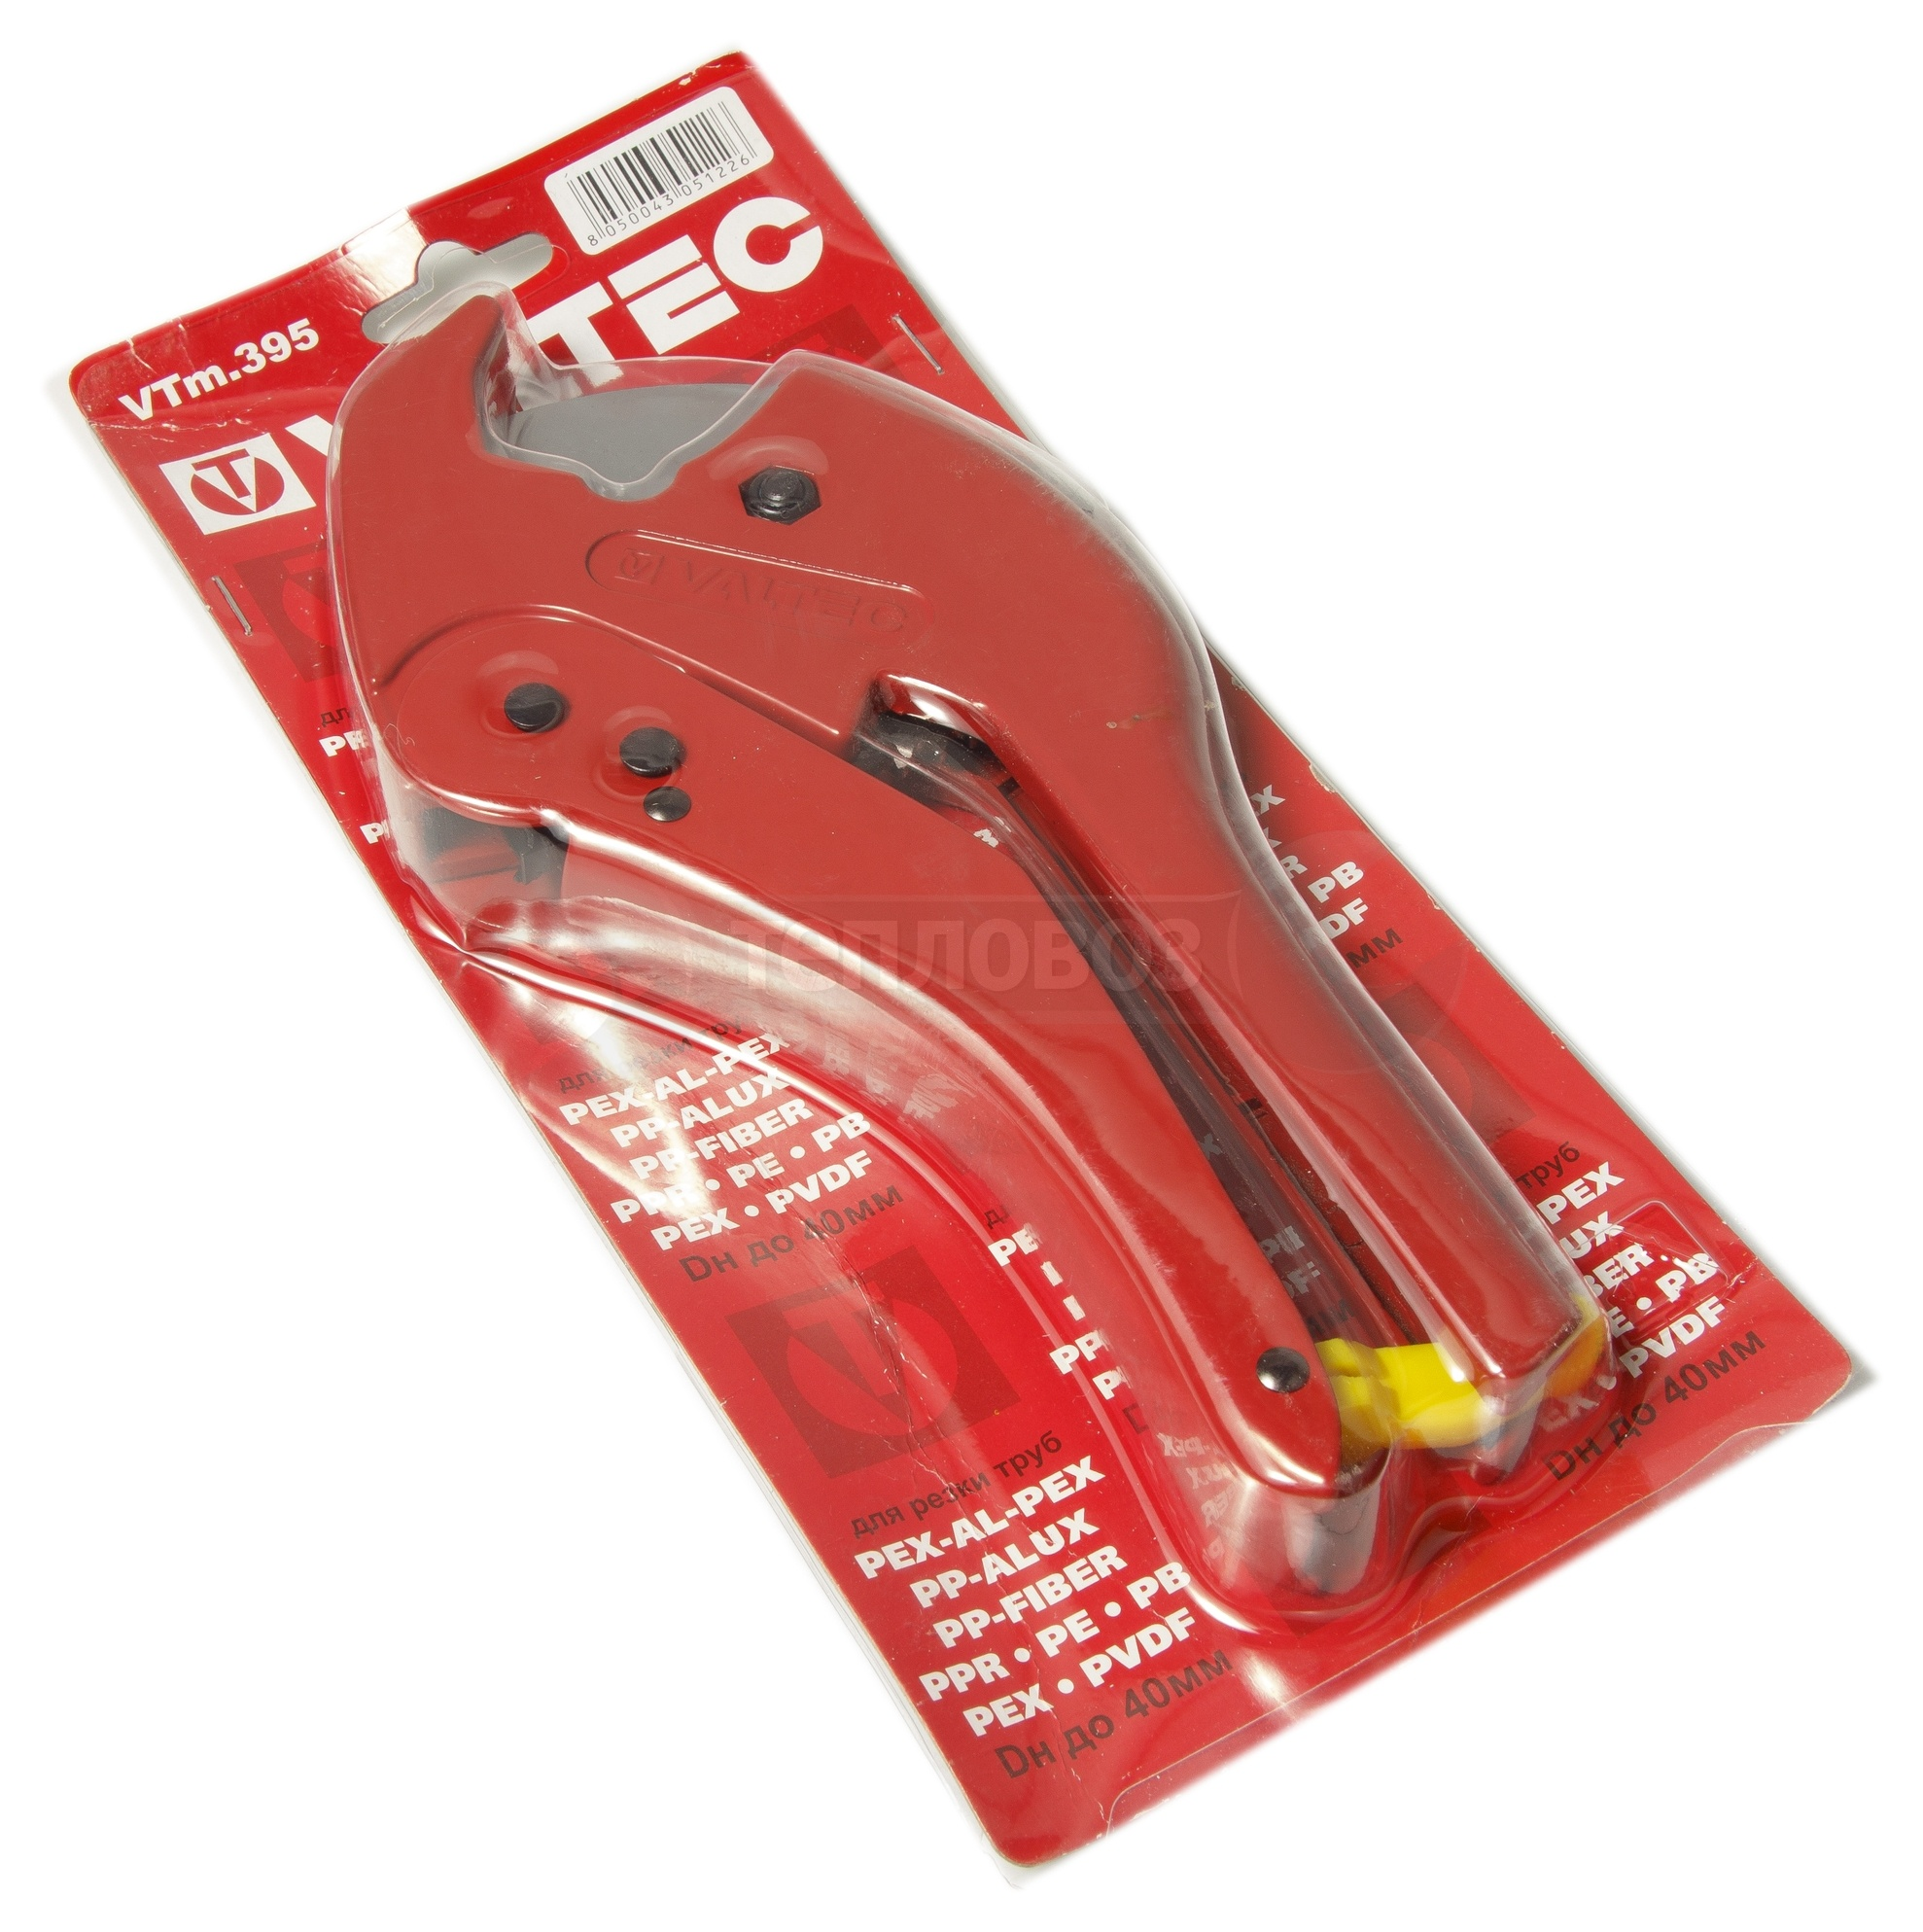 Купить Valtec 395, 16-20-26-32-40 мм в интернет-магазине Дождь